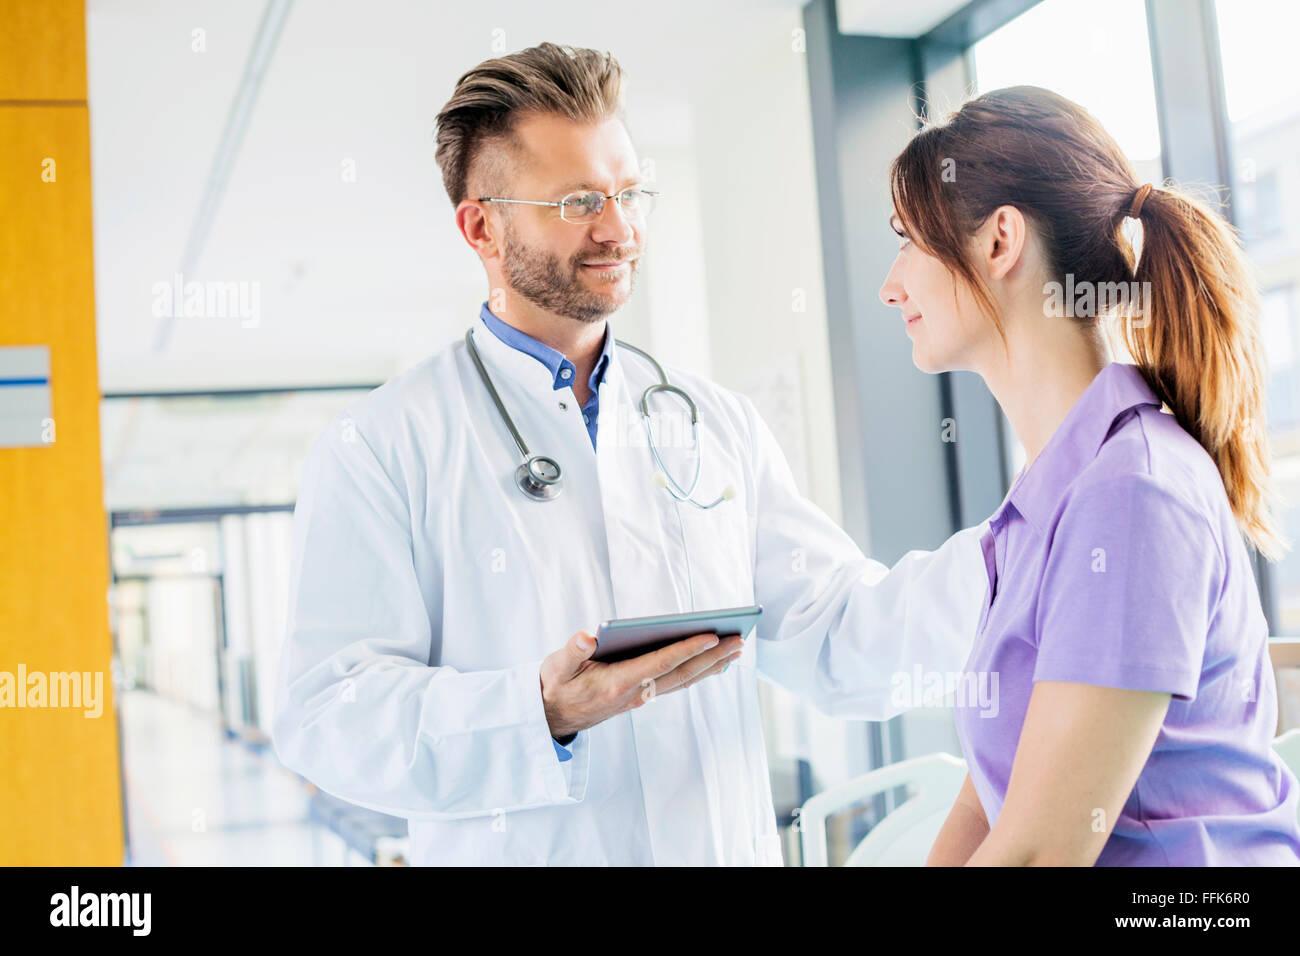 Médecin collaborateur de taraudage sur l'épaule Photo Stock